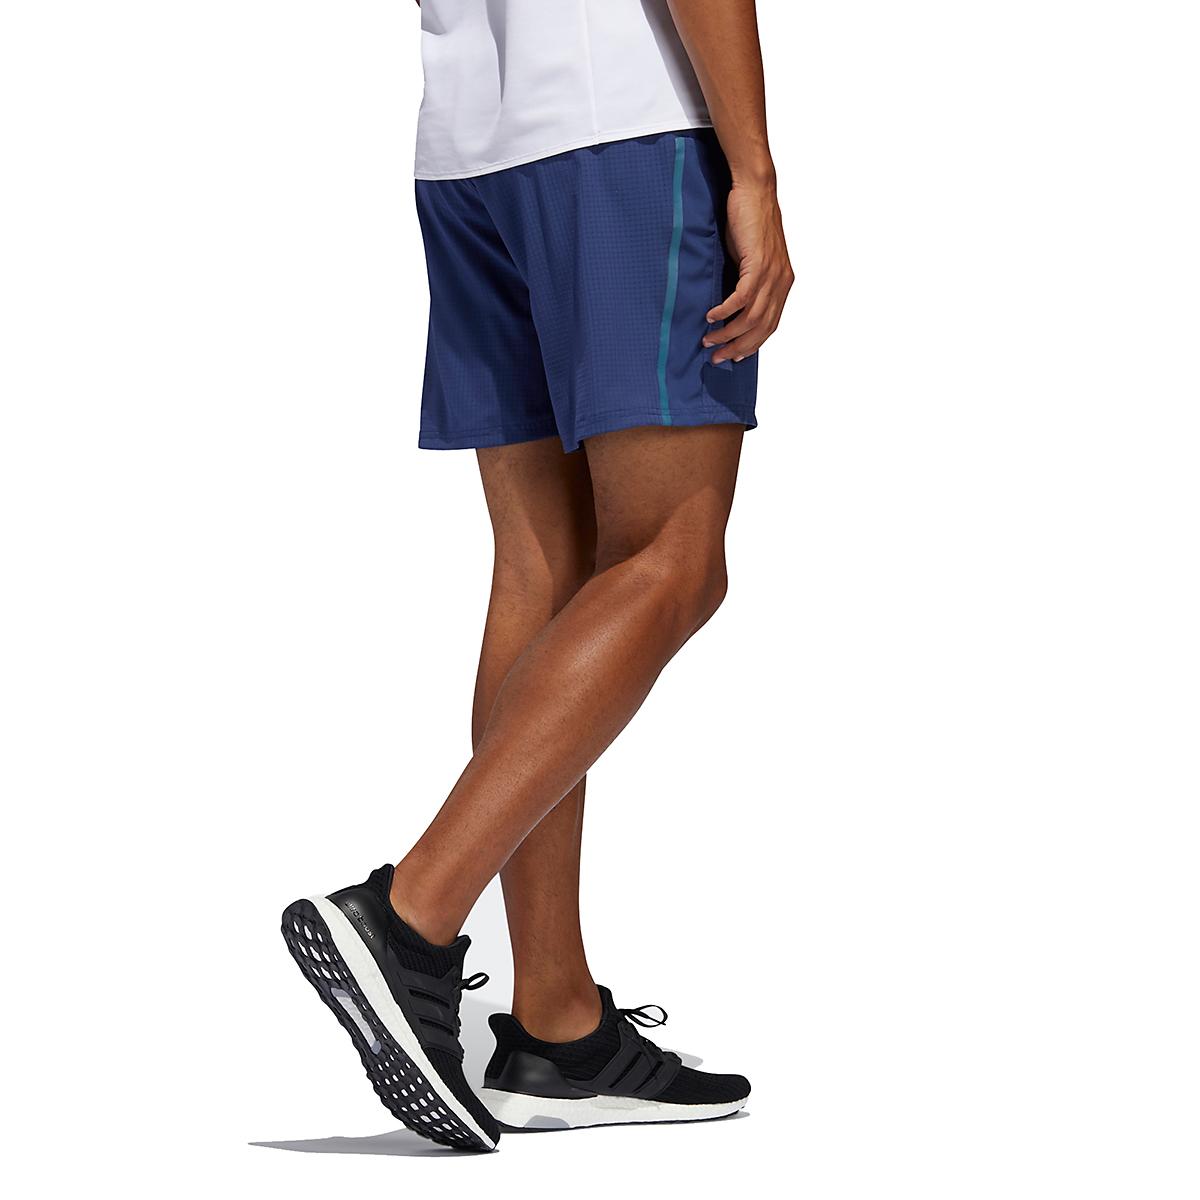 Men's Adidas Saturday Shorts - Color: Indigo - Size: M, Indigo, large, image 2